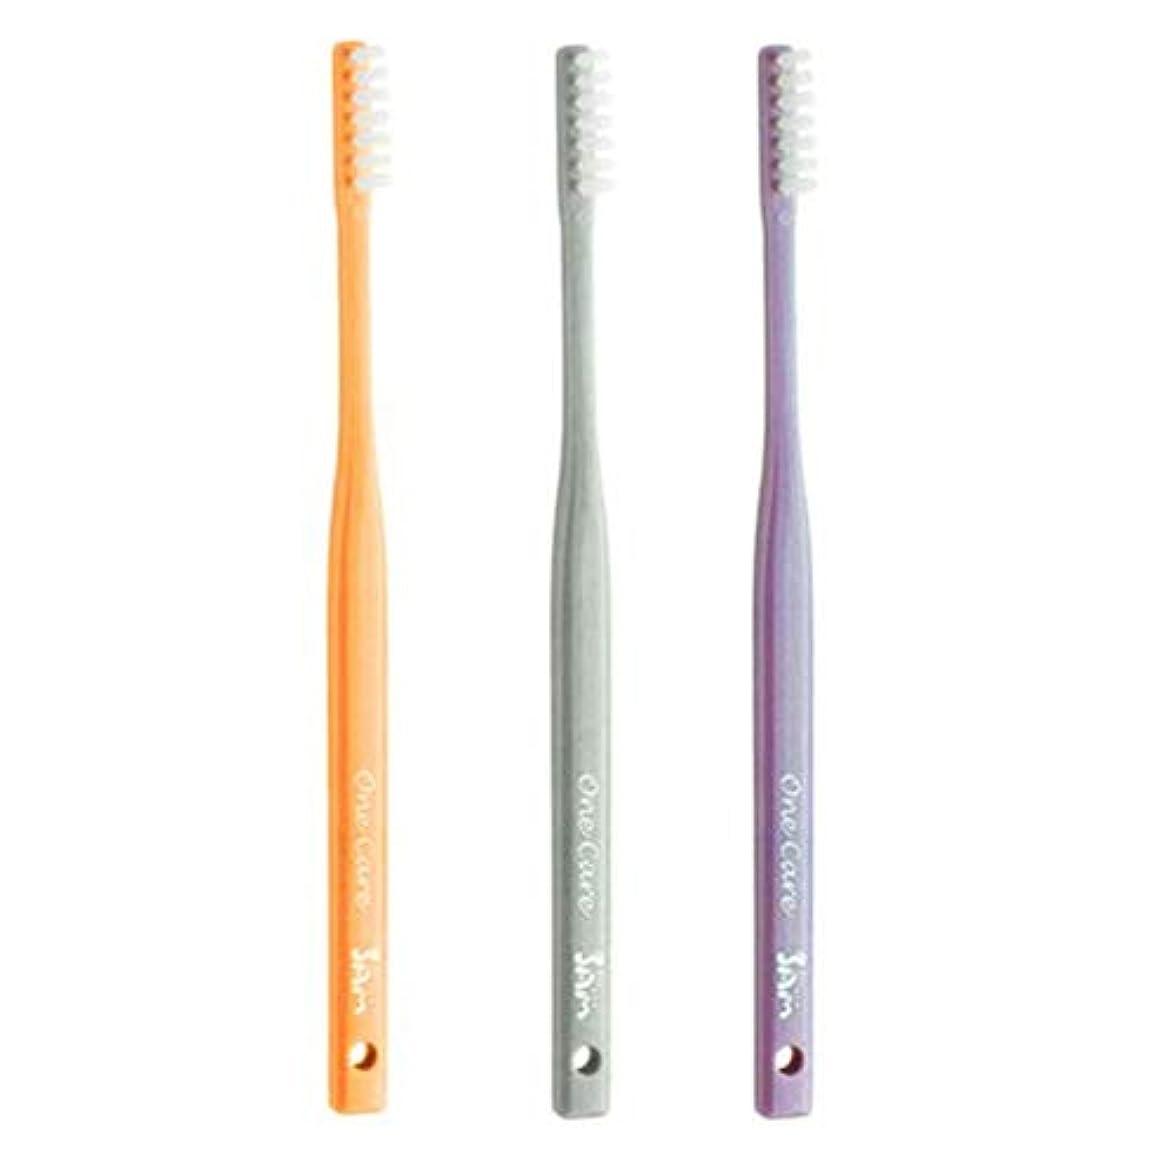 パック拍手する冷蔵庫サムフレンド 1列 歯ブラシ ワンケア OneCare 5本(アソート)